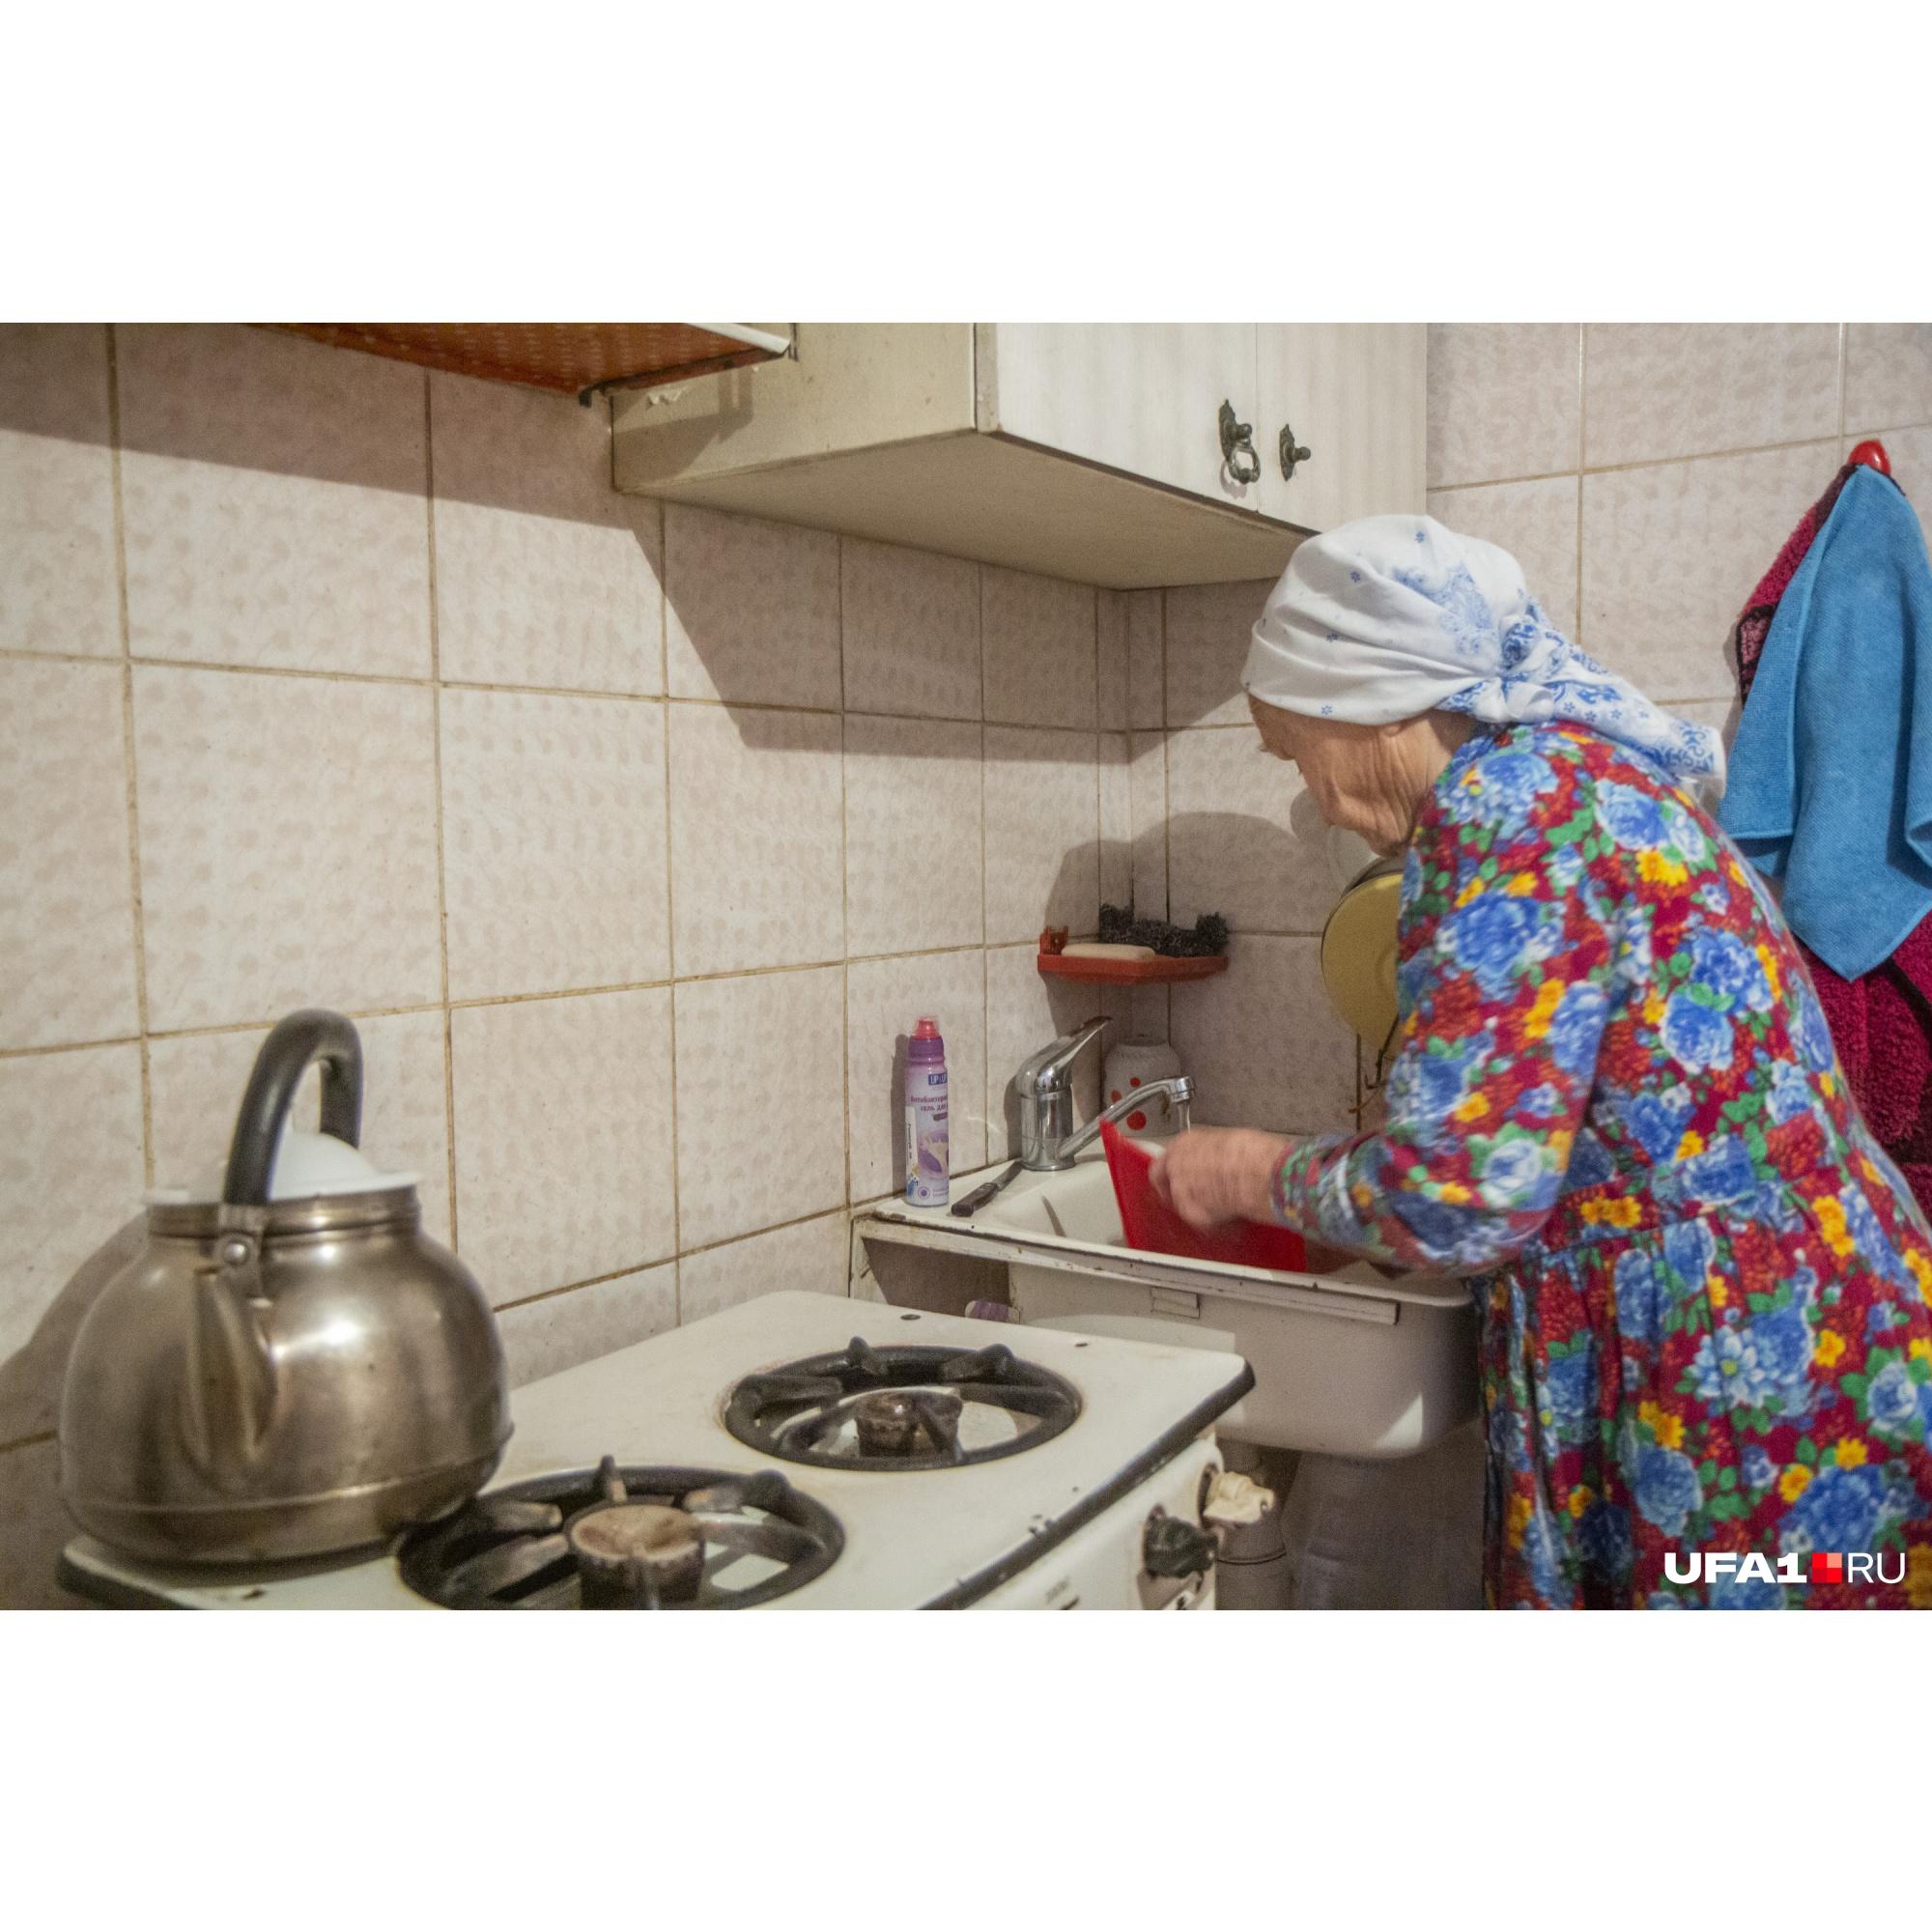 Бабушка живет крайне скромно, но просить чьей-либо финансовой помощи она категорически отказывается